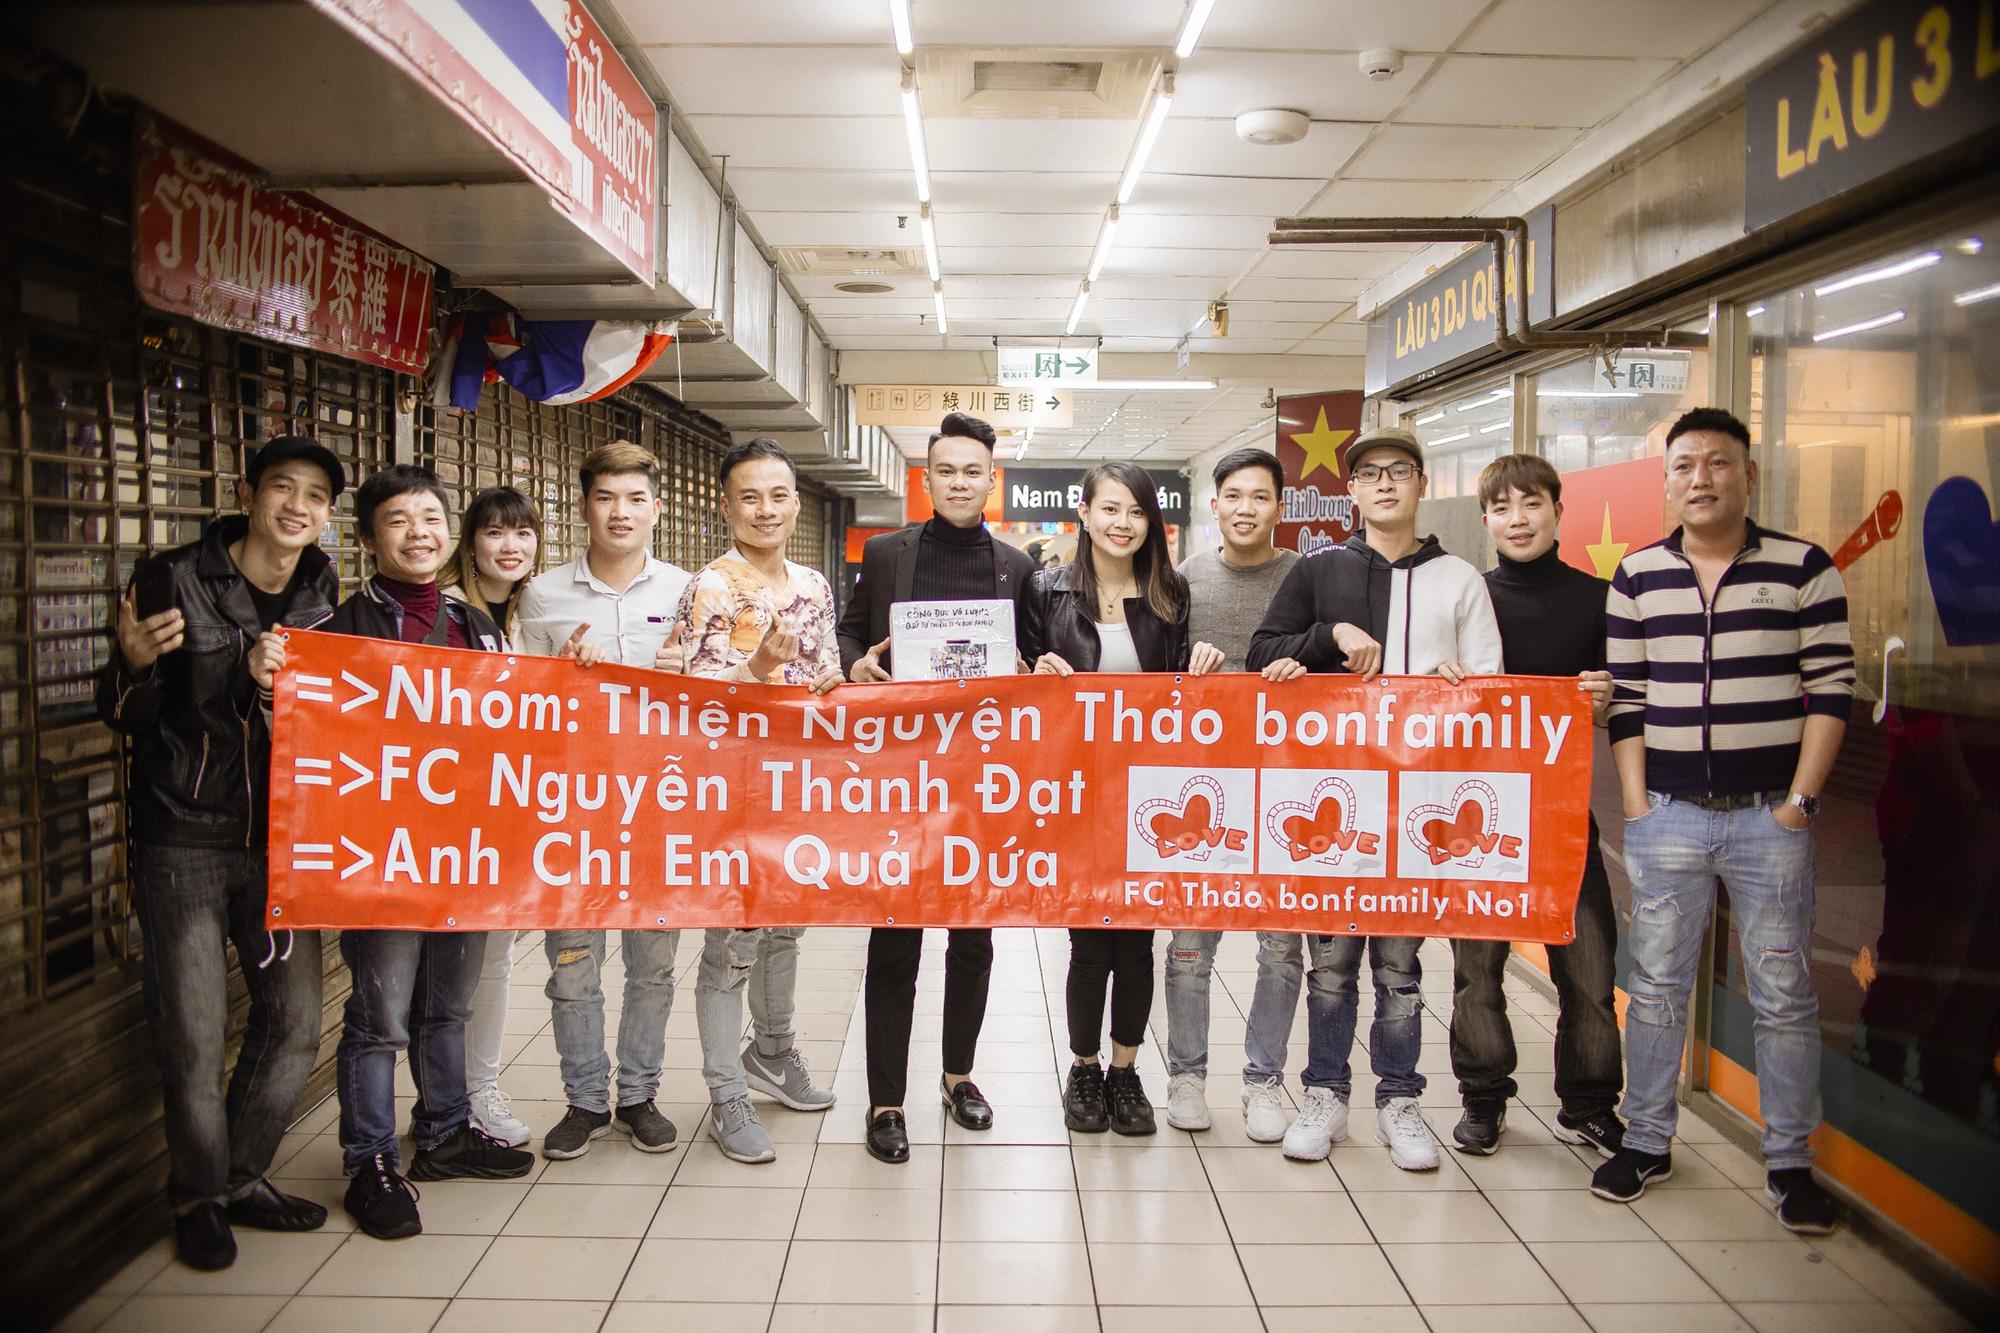 Nguyễn Thành Đạt chàng trai xứ Nghệ gây sốt MXH Facebook  - Ảnh 4.